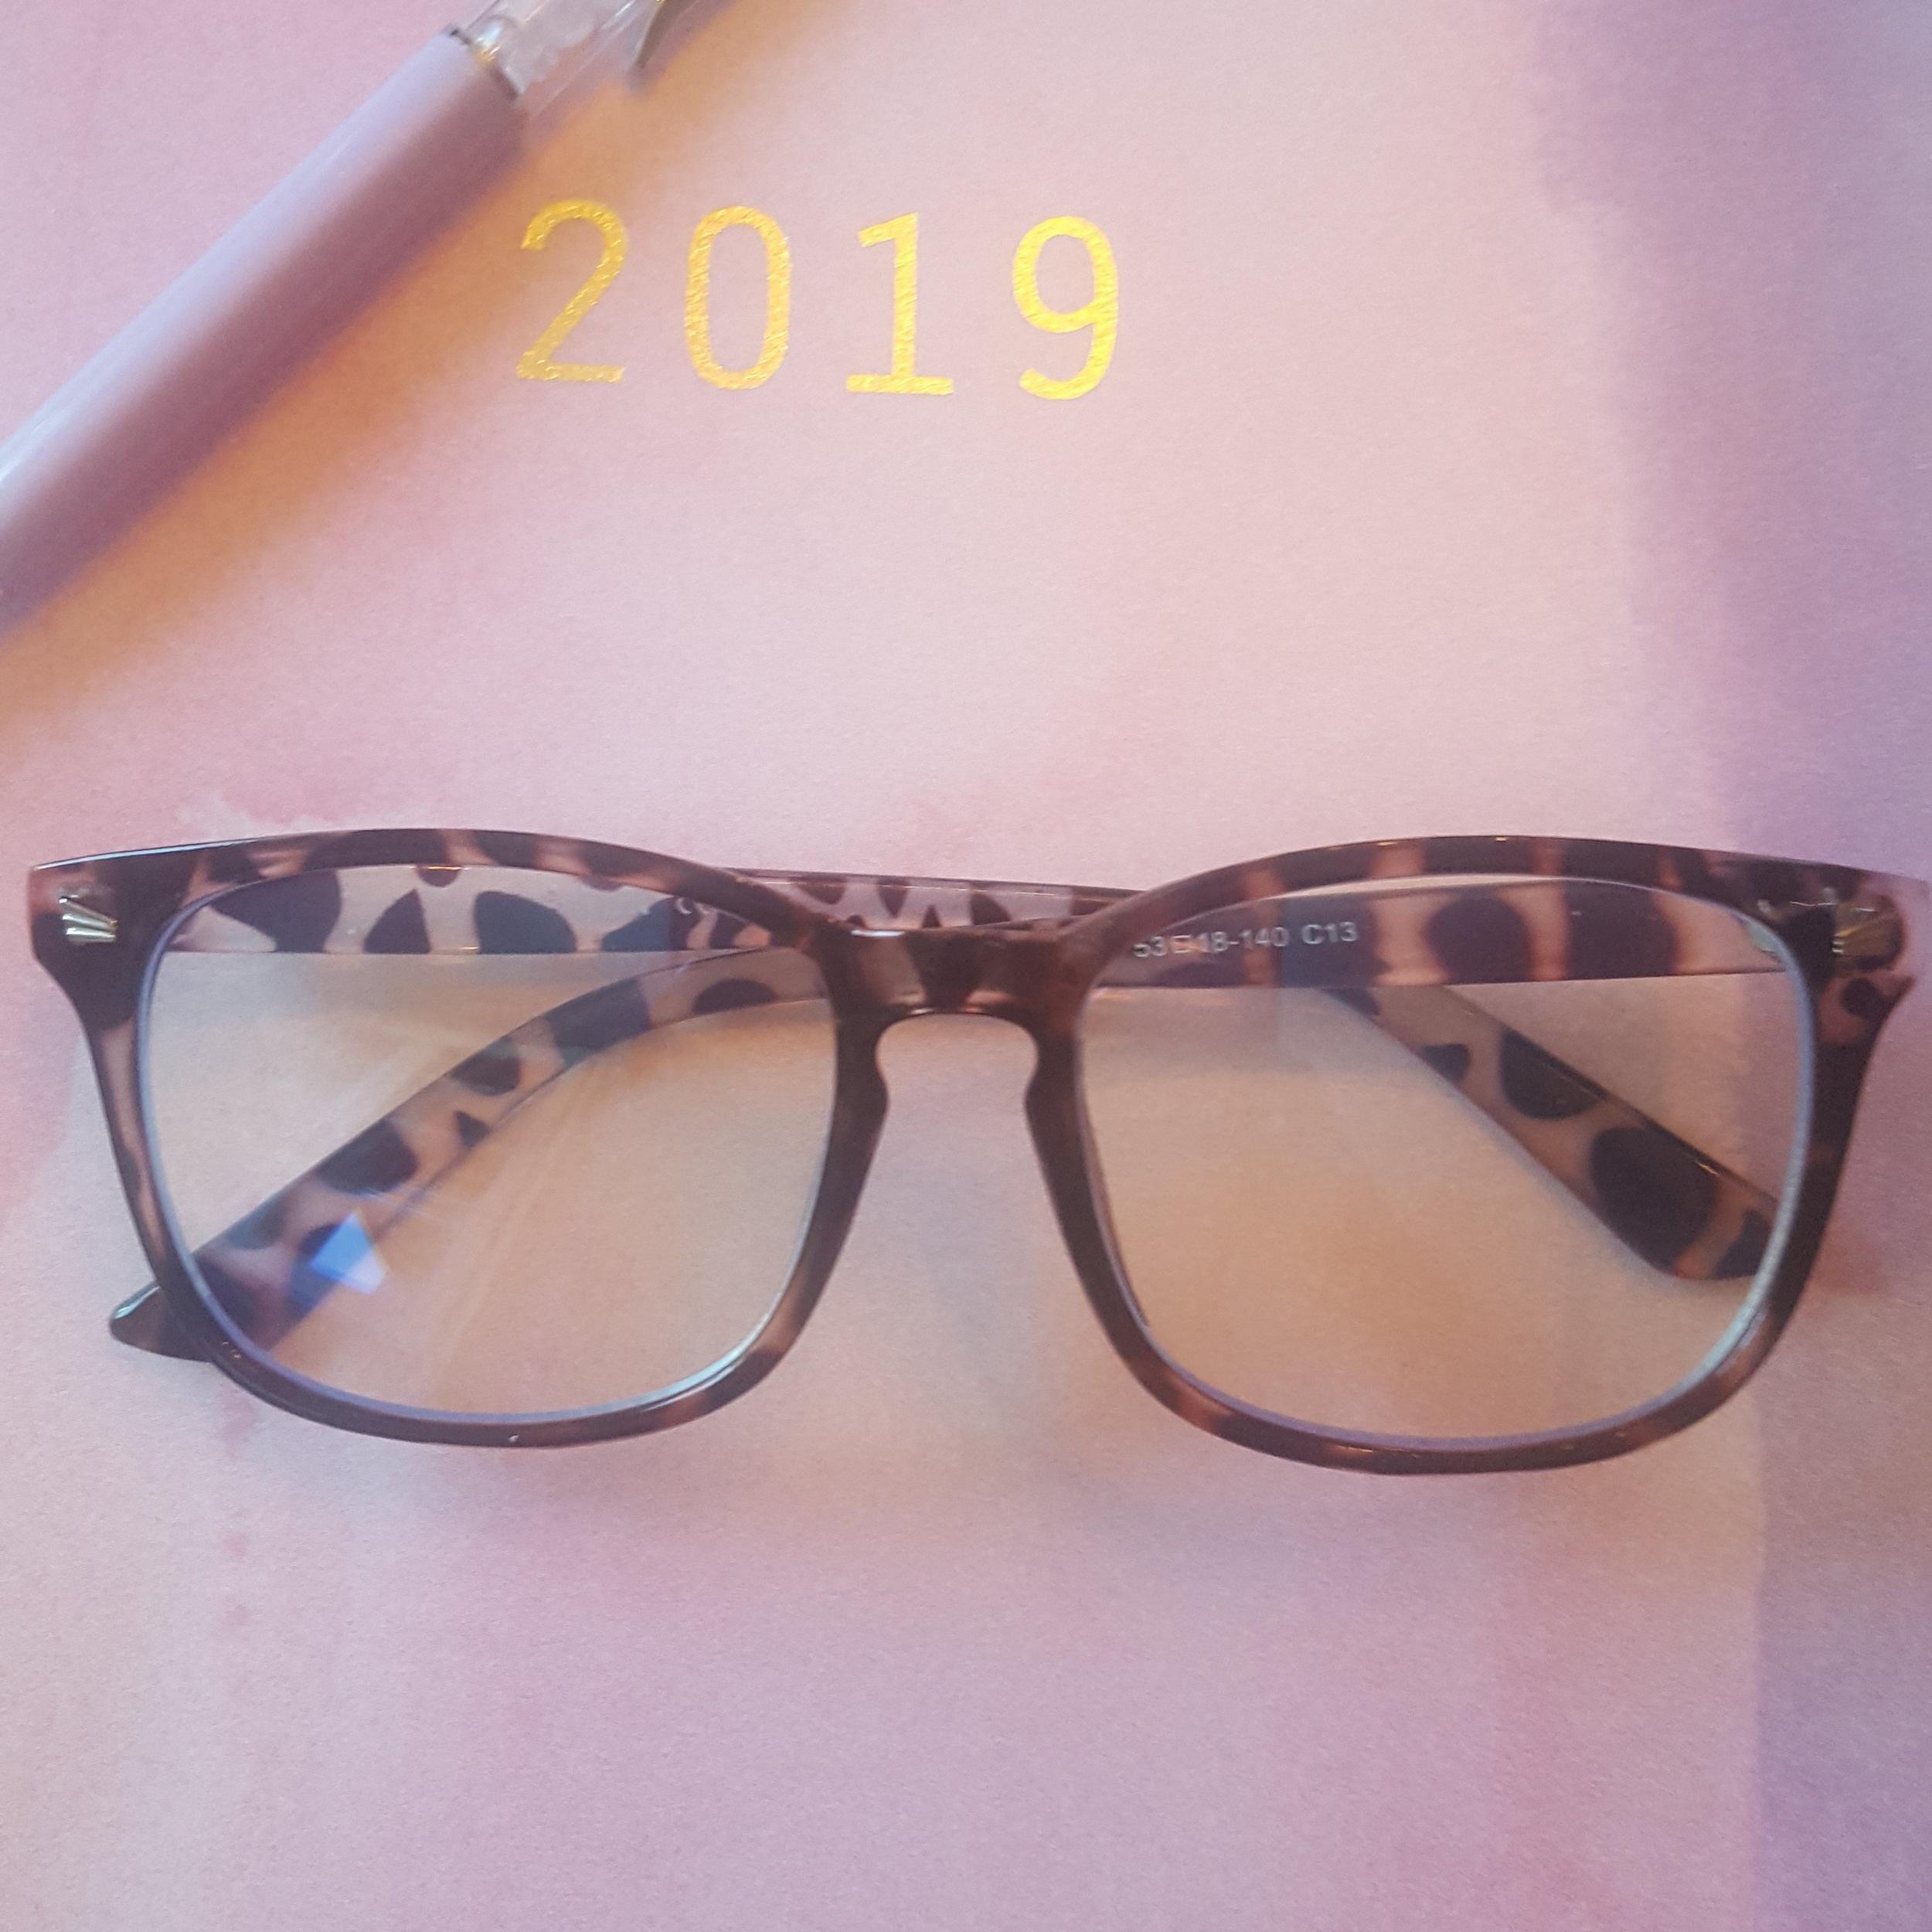 blue+light+glasses.jpg